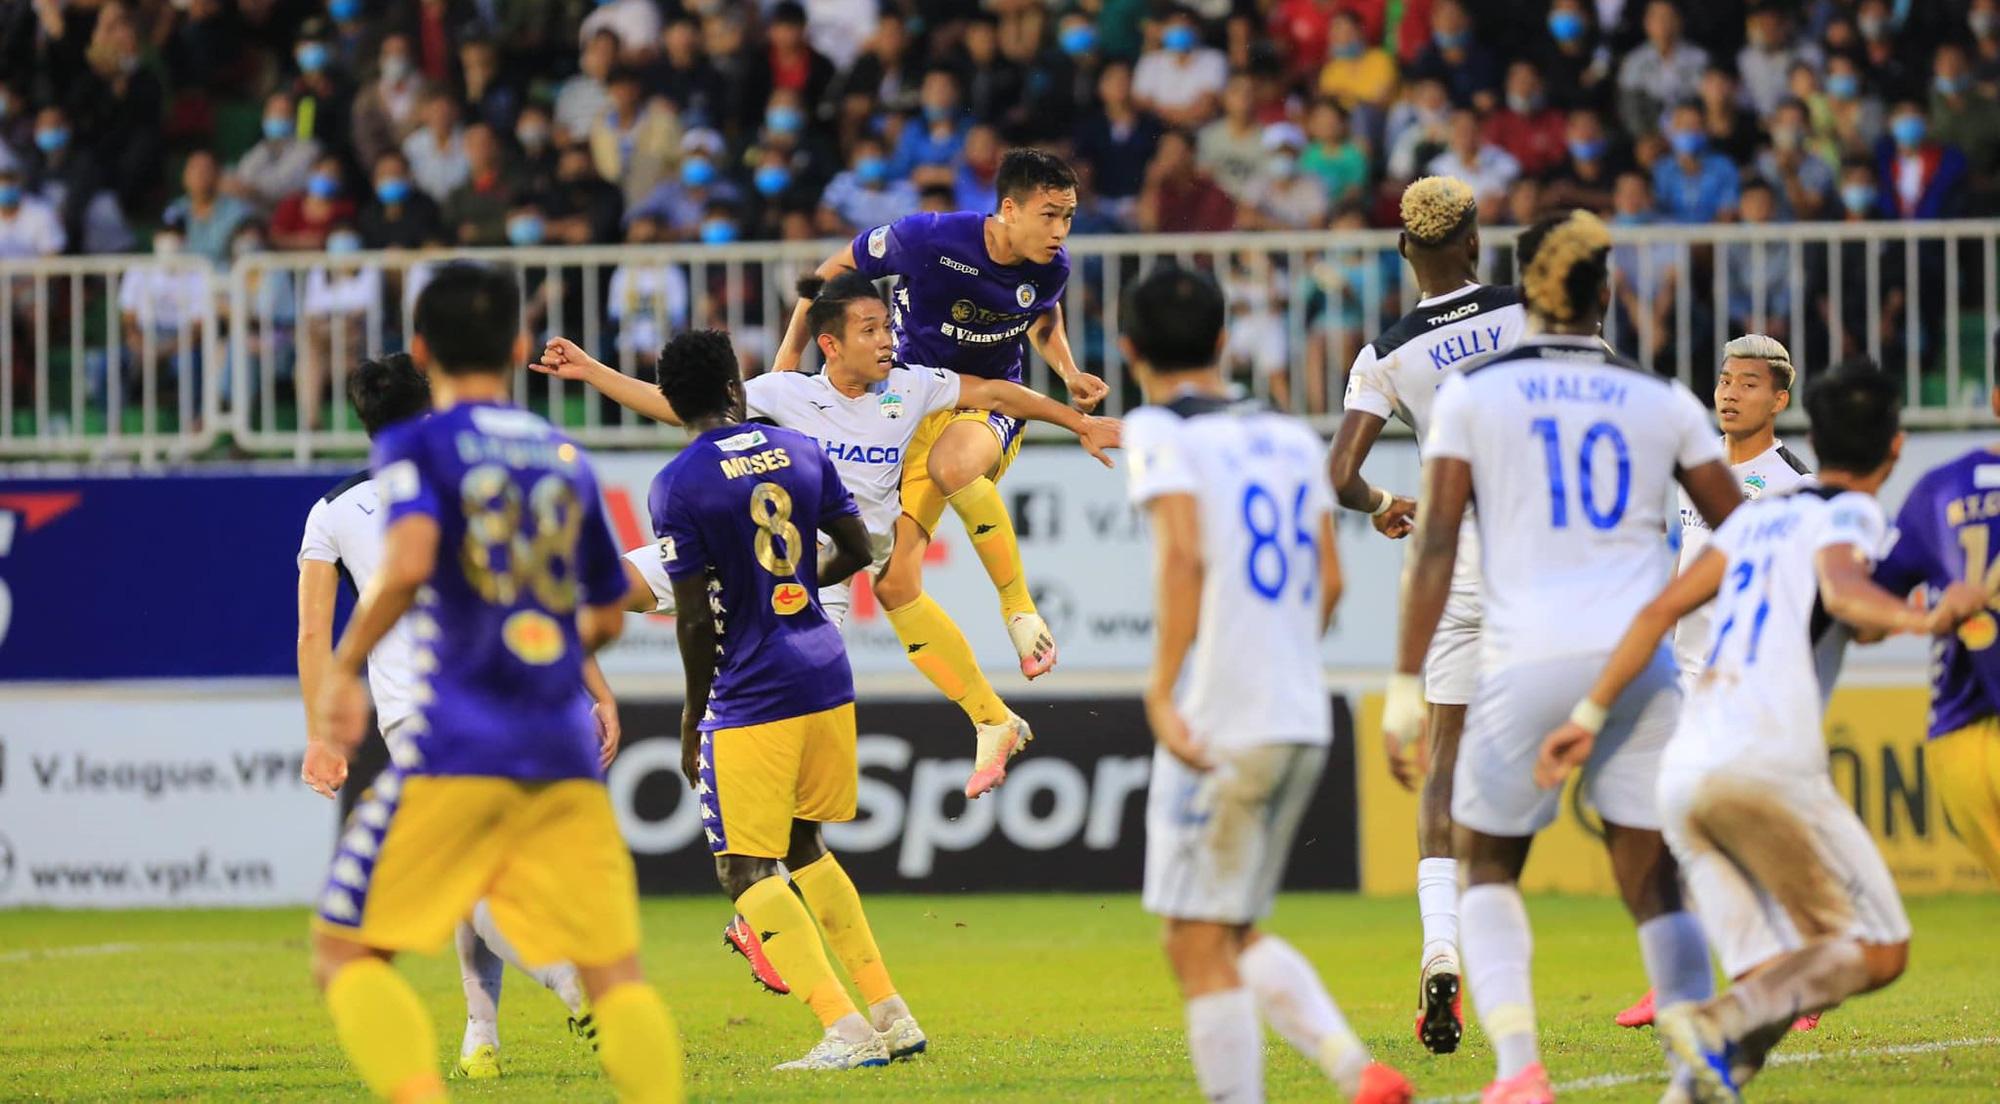 Hậu trận thắng HAGL, Hà Nội FC khủng hoảng hàng thủ - Ảnh 1.